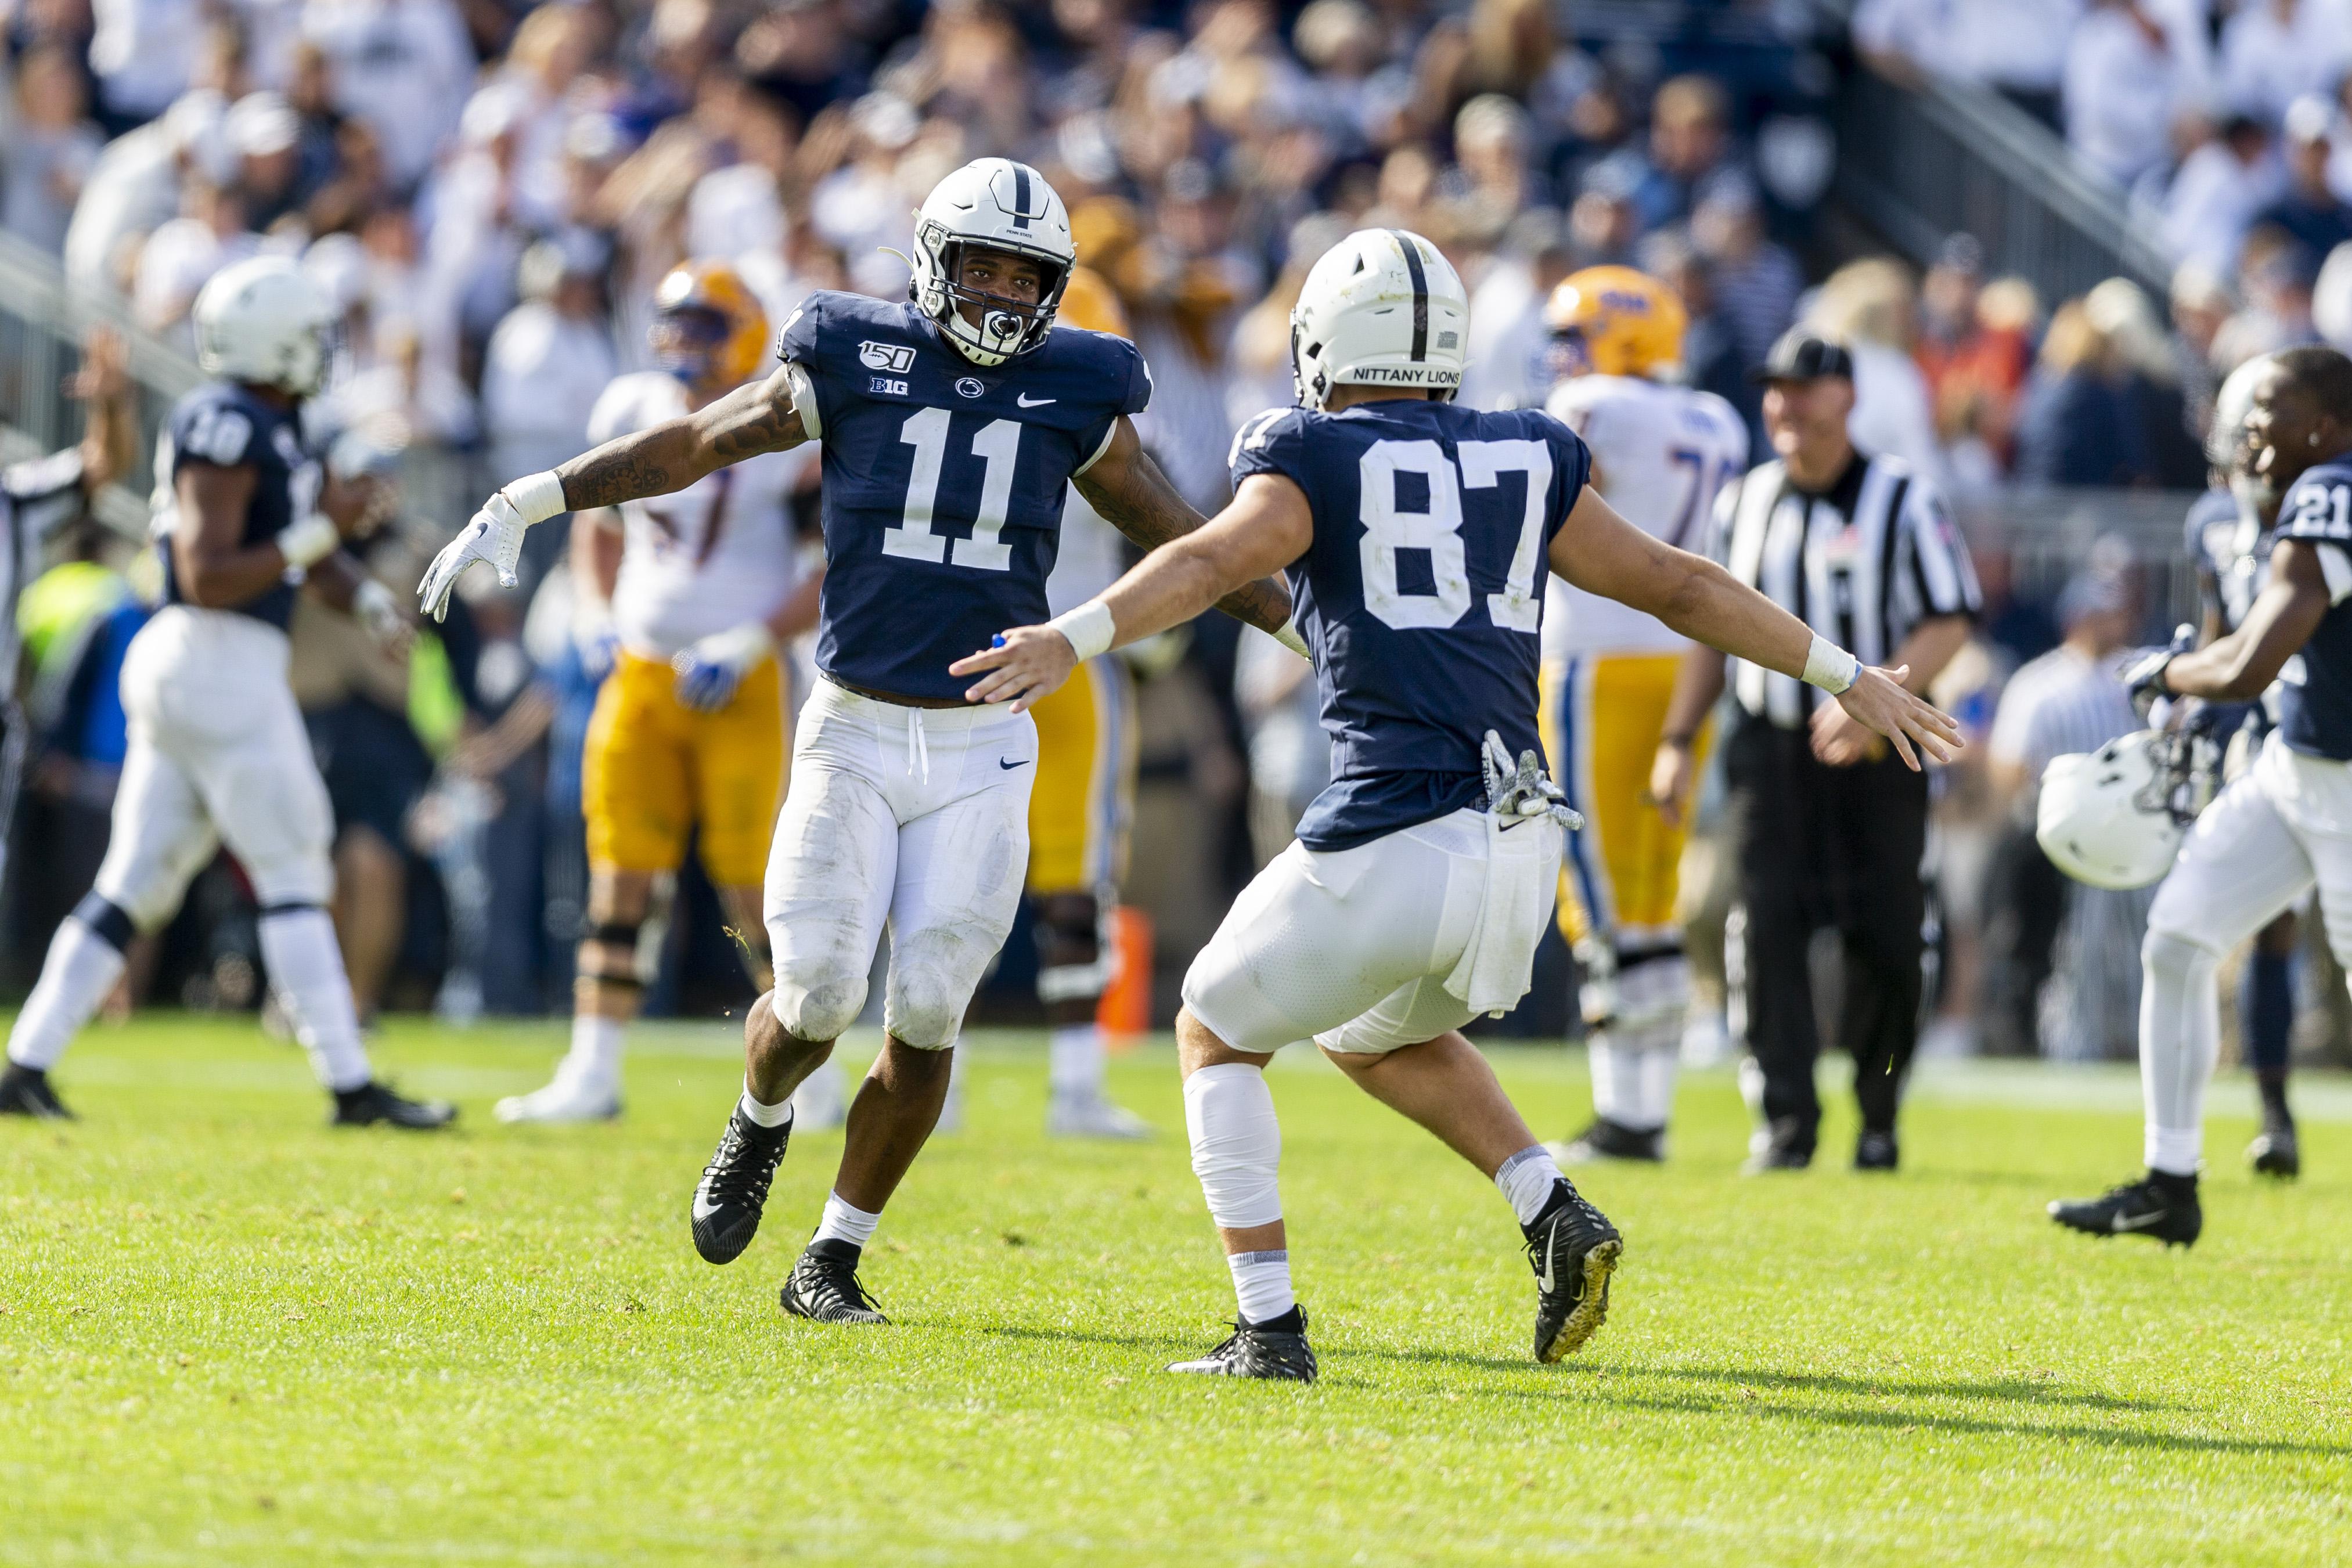 Penn State kicker Jordan Stout reveals how it felt to make record-setting 57-yard kick